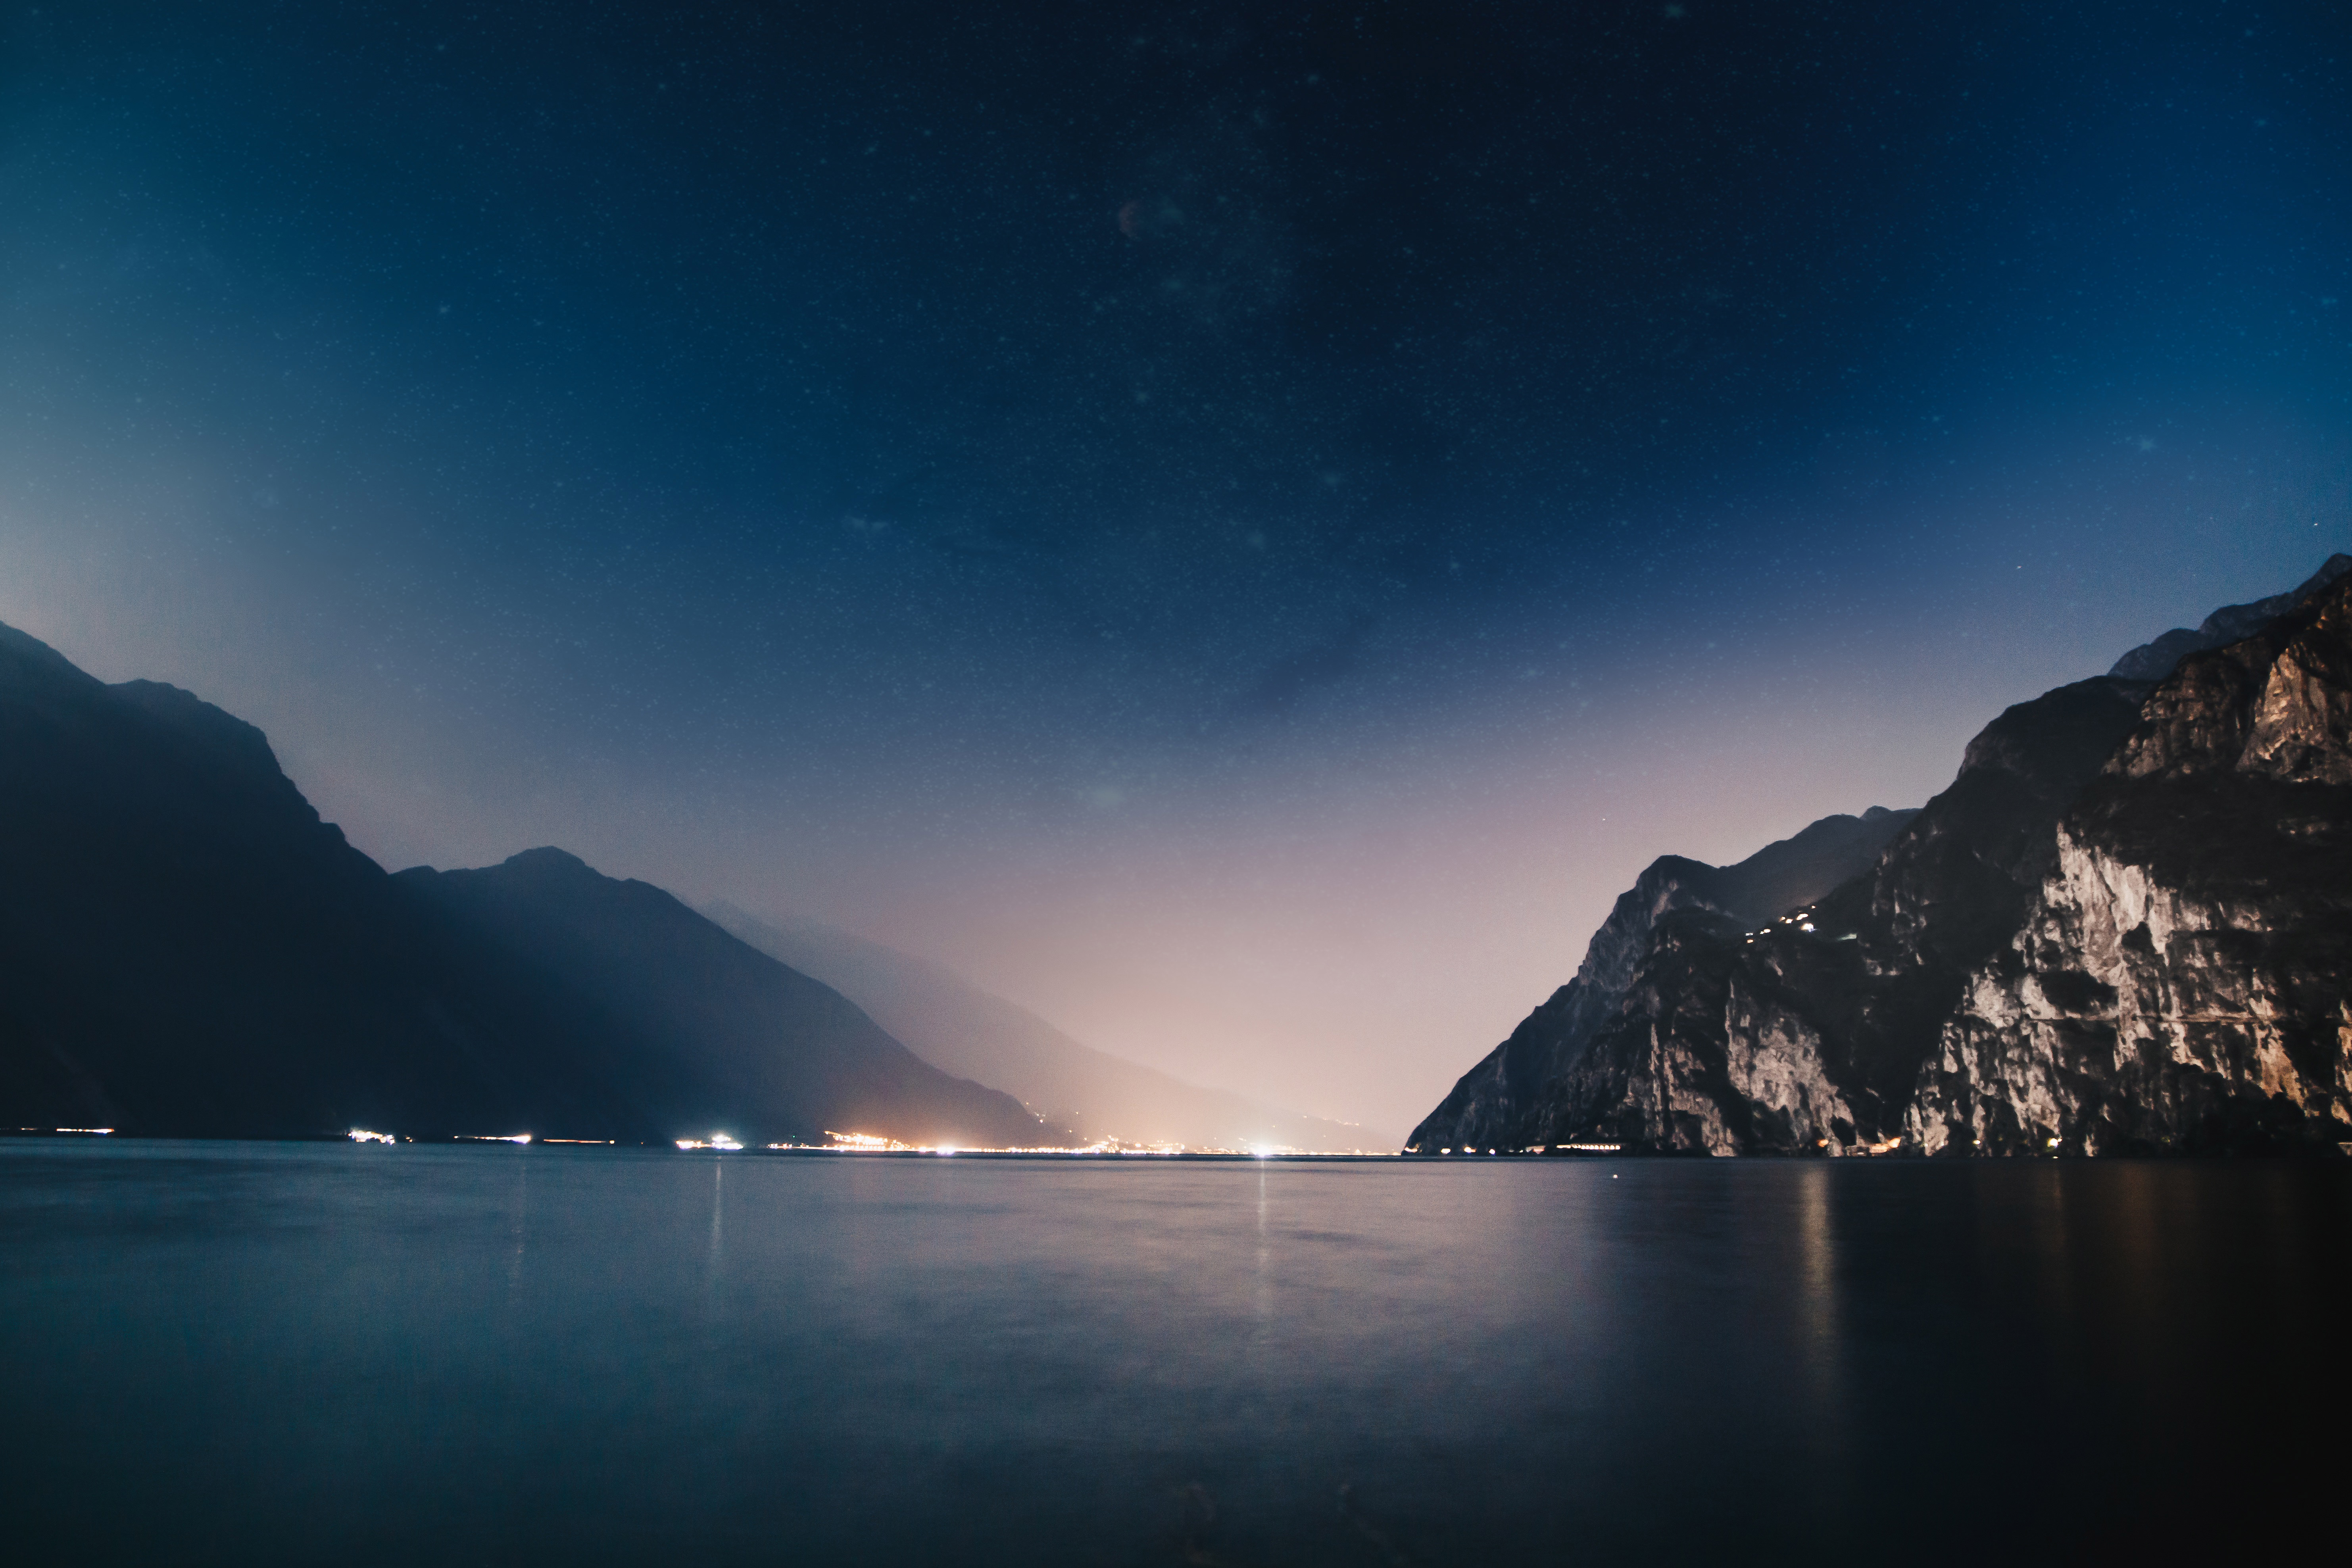 Mountains night sea 4k 5k hd nature 4k wallpapers - Night mountain wallpaper 4k ...